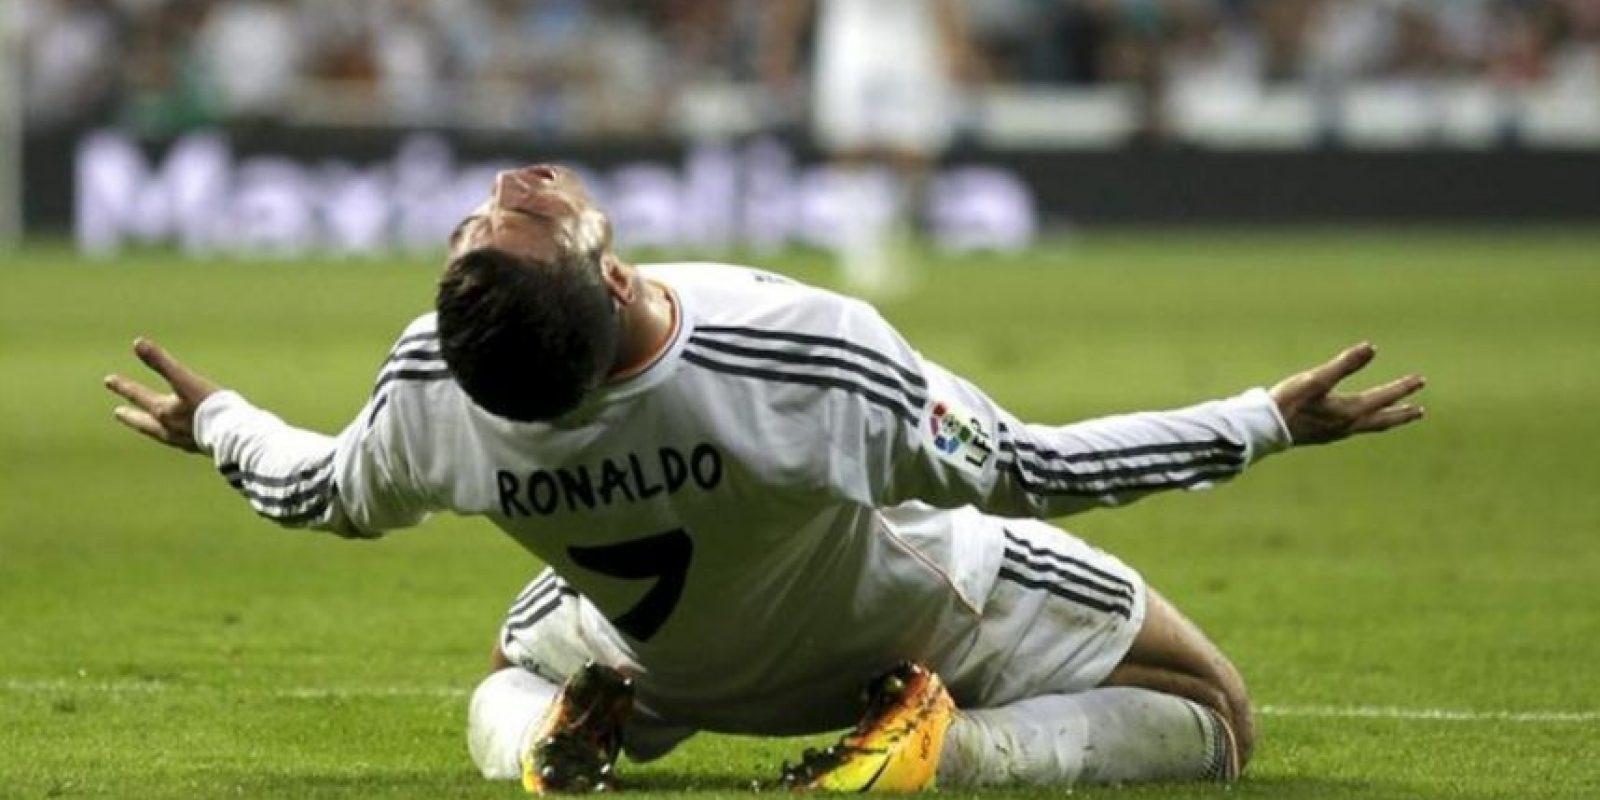 El delantero portugués del Real Madrid Cristino Ronaldo se lamenta durante el partido correspondiente a la quinta jornada de Liga BBVA que se disputó en el estadio Santiago Bernabéu. EFE